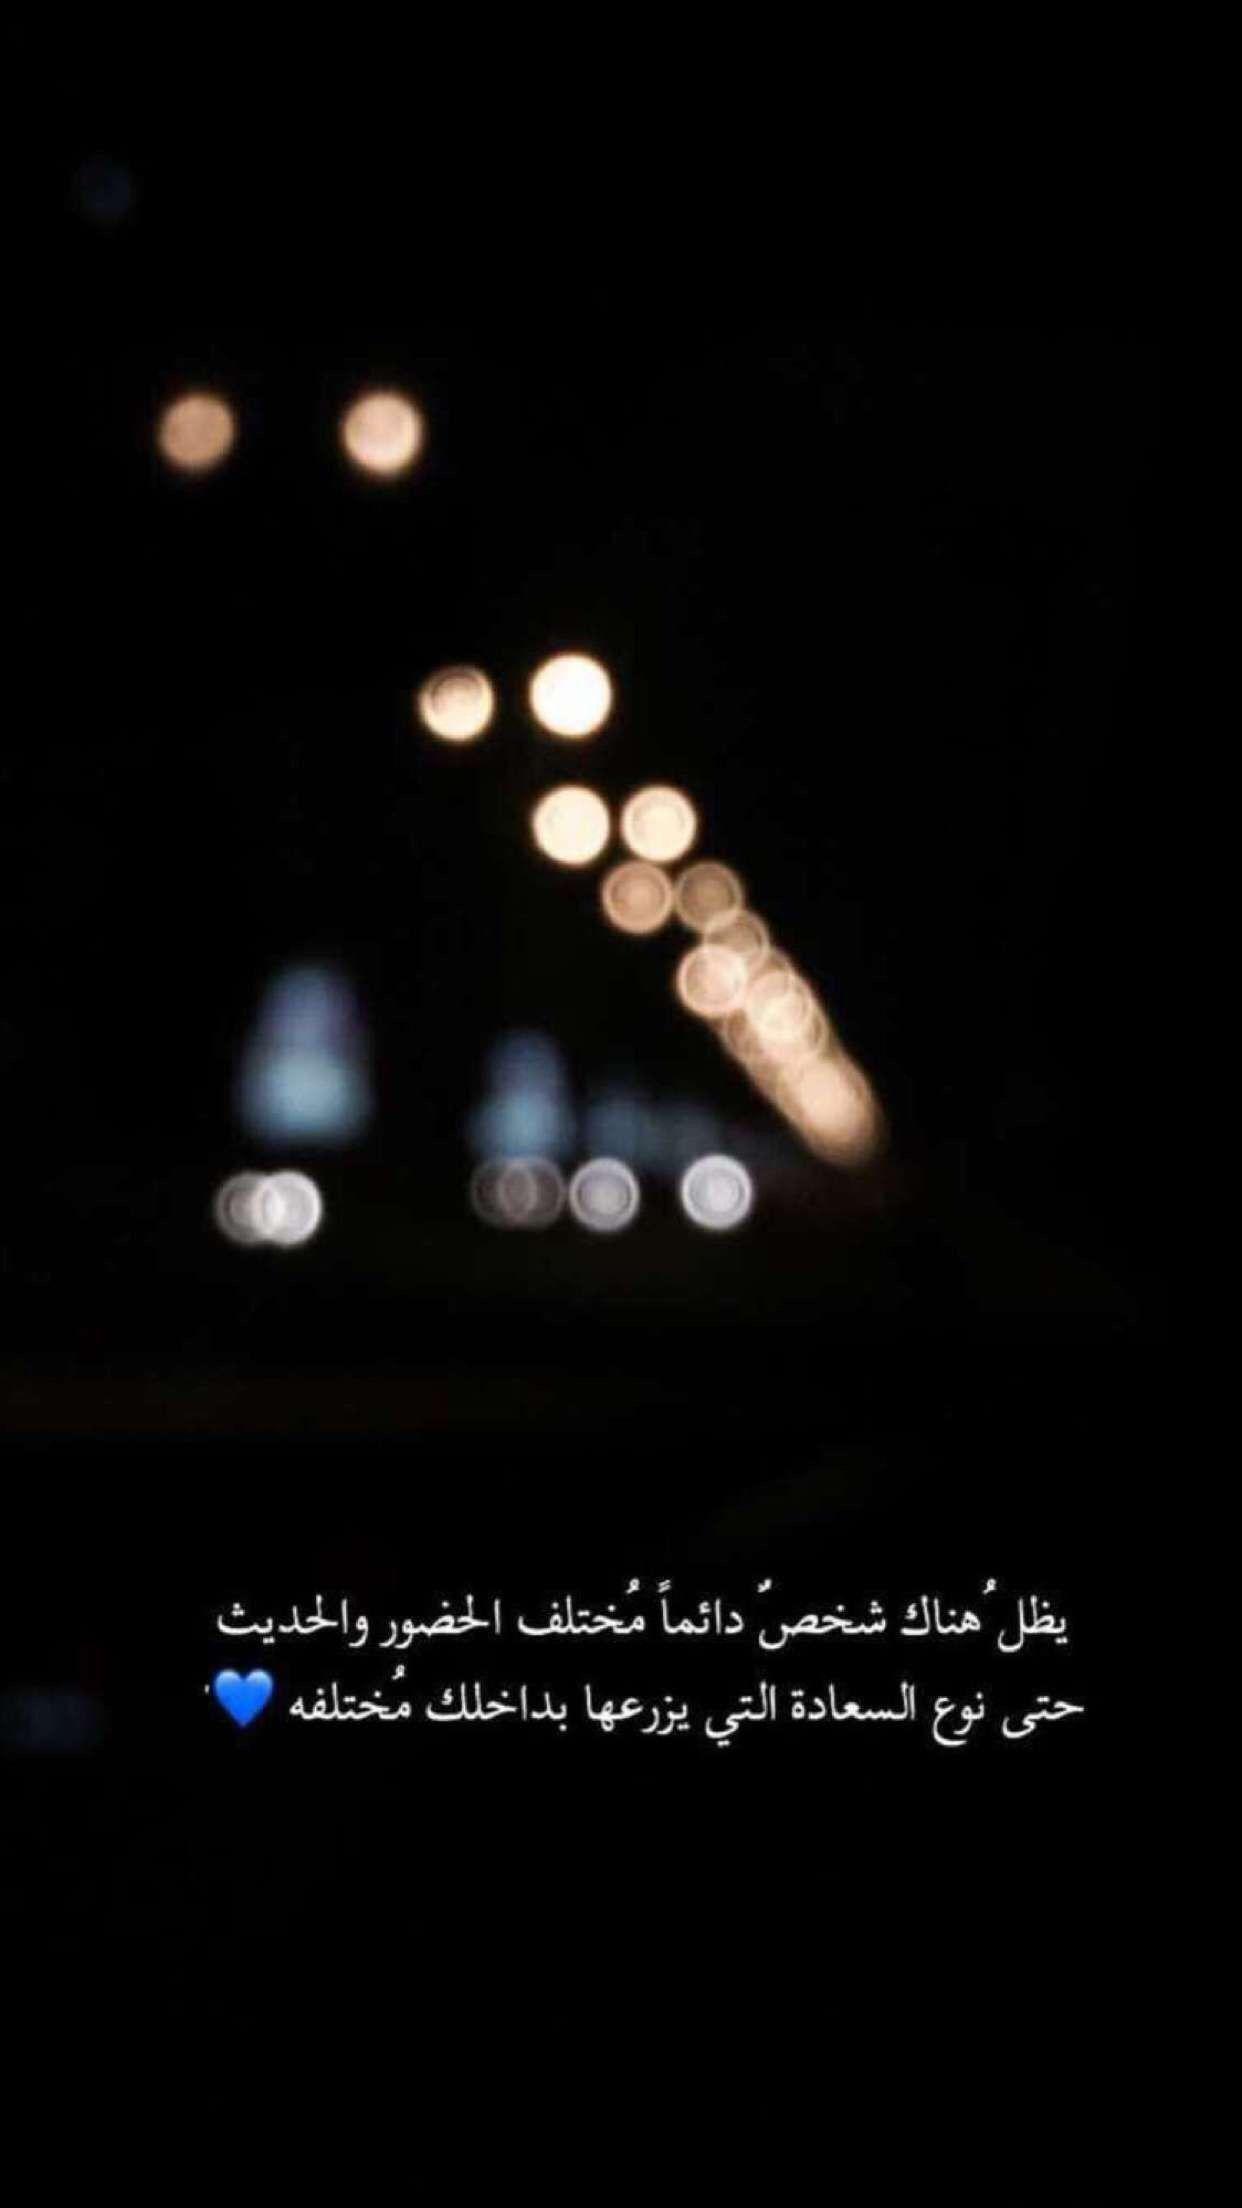 اذكار المسلم أذكر الله أين ما كنت Photo Quotes Arabic Love Quotes Arabic Quotes